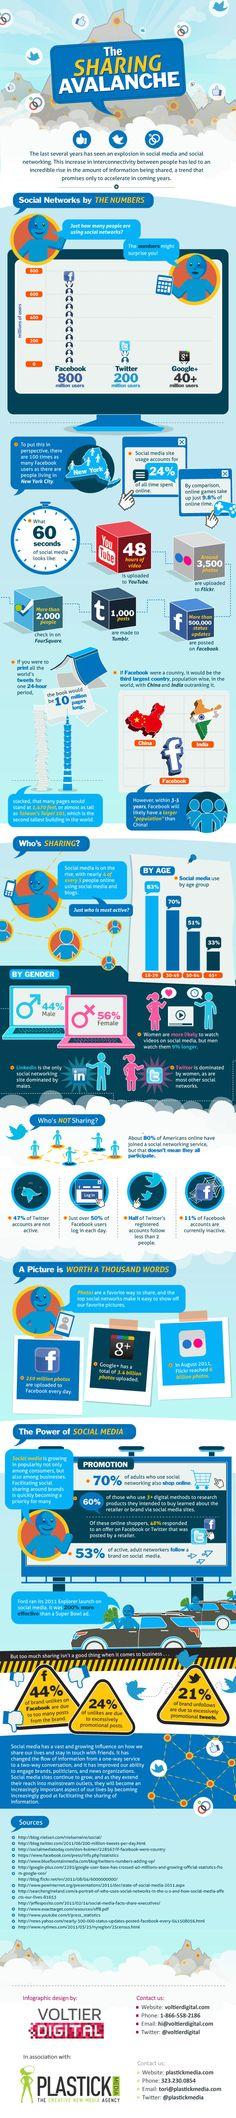 Comment circule l'information sur les réseaux sociaux